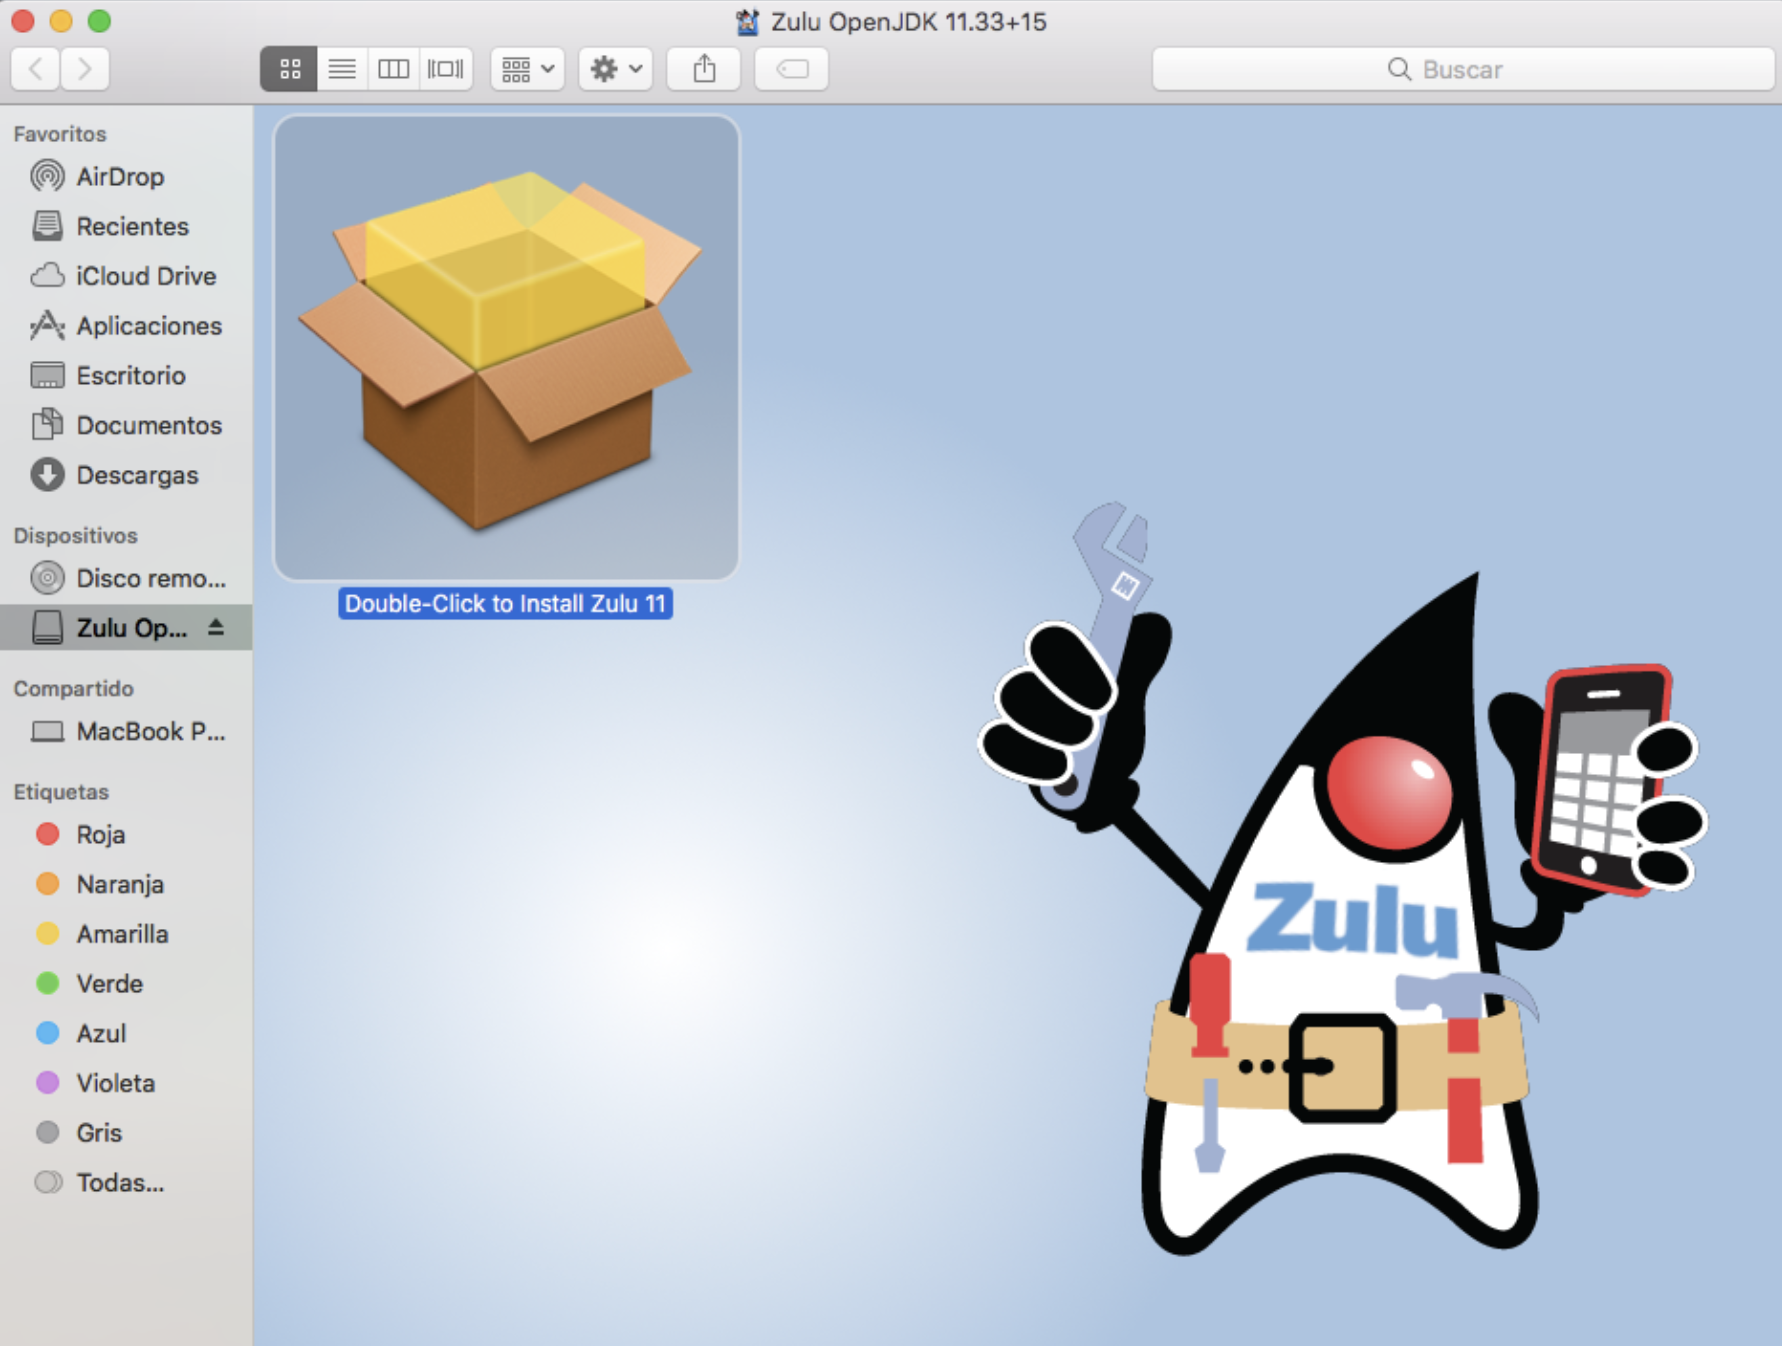 Instalación Zulu OpenJDK